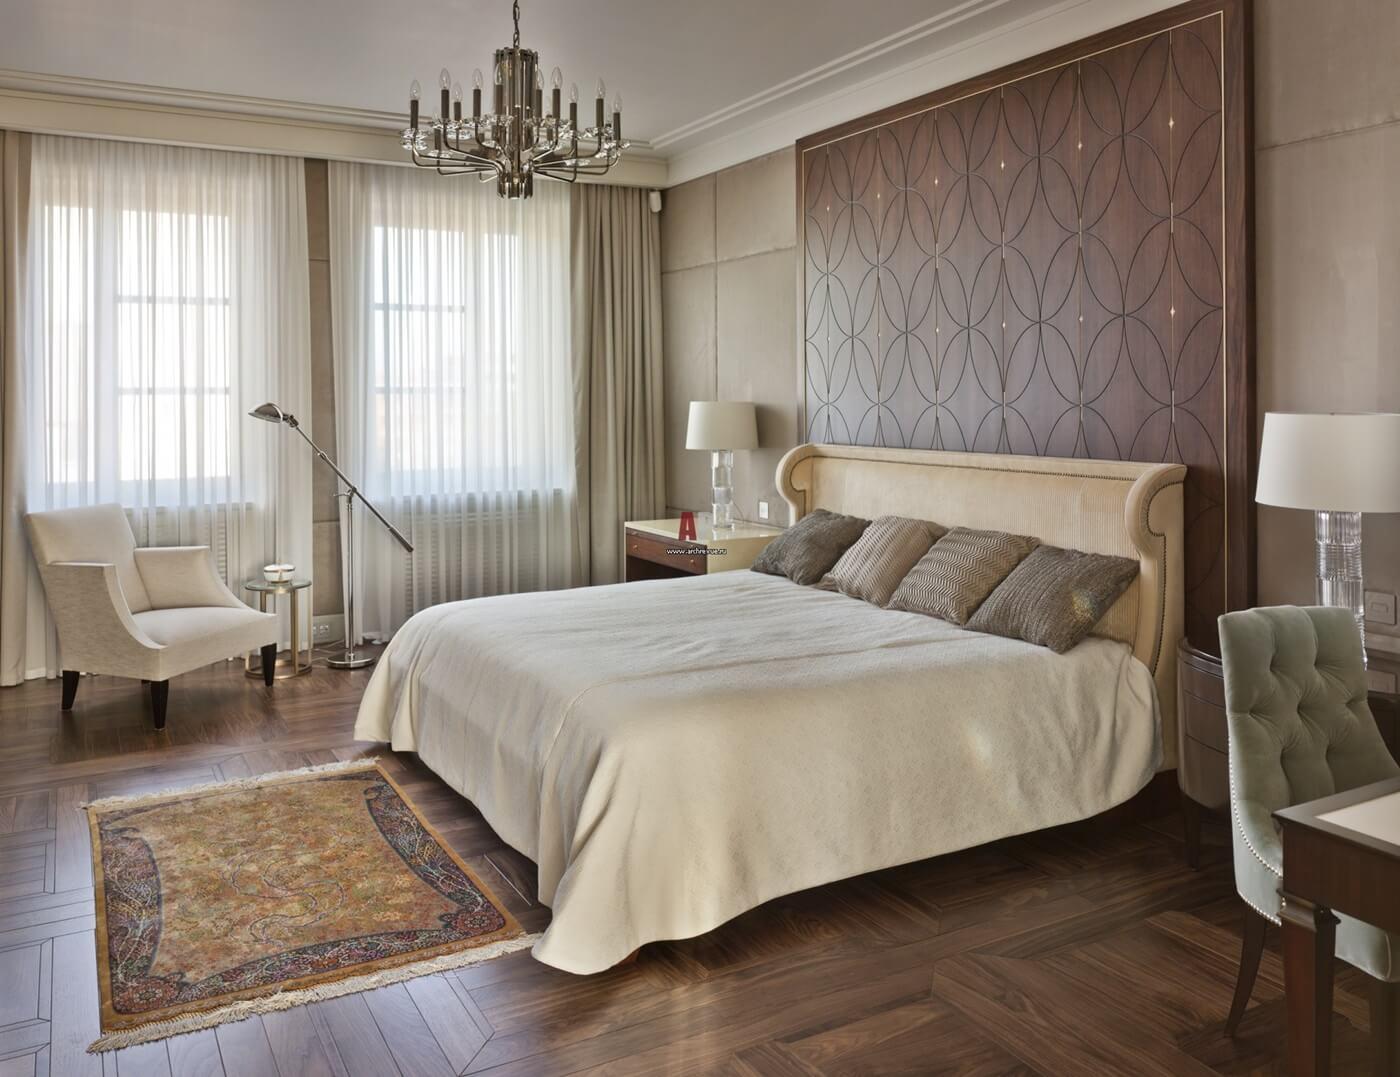 Деревянные панели в отделке стен спальни